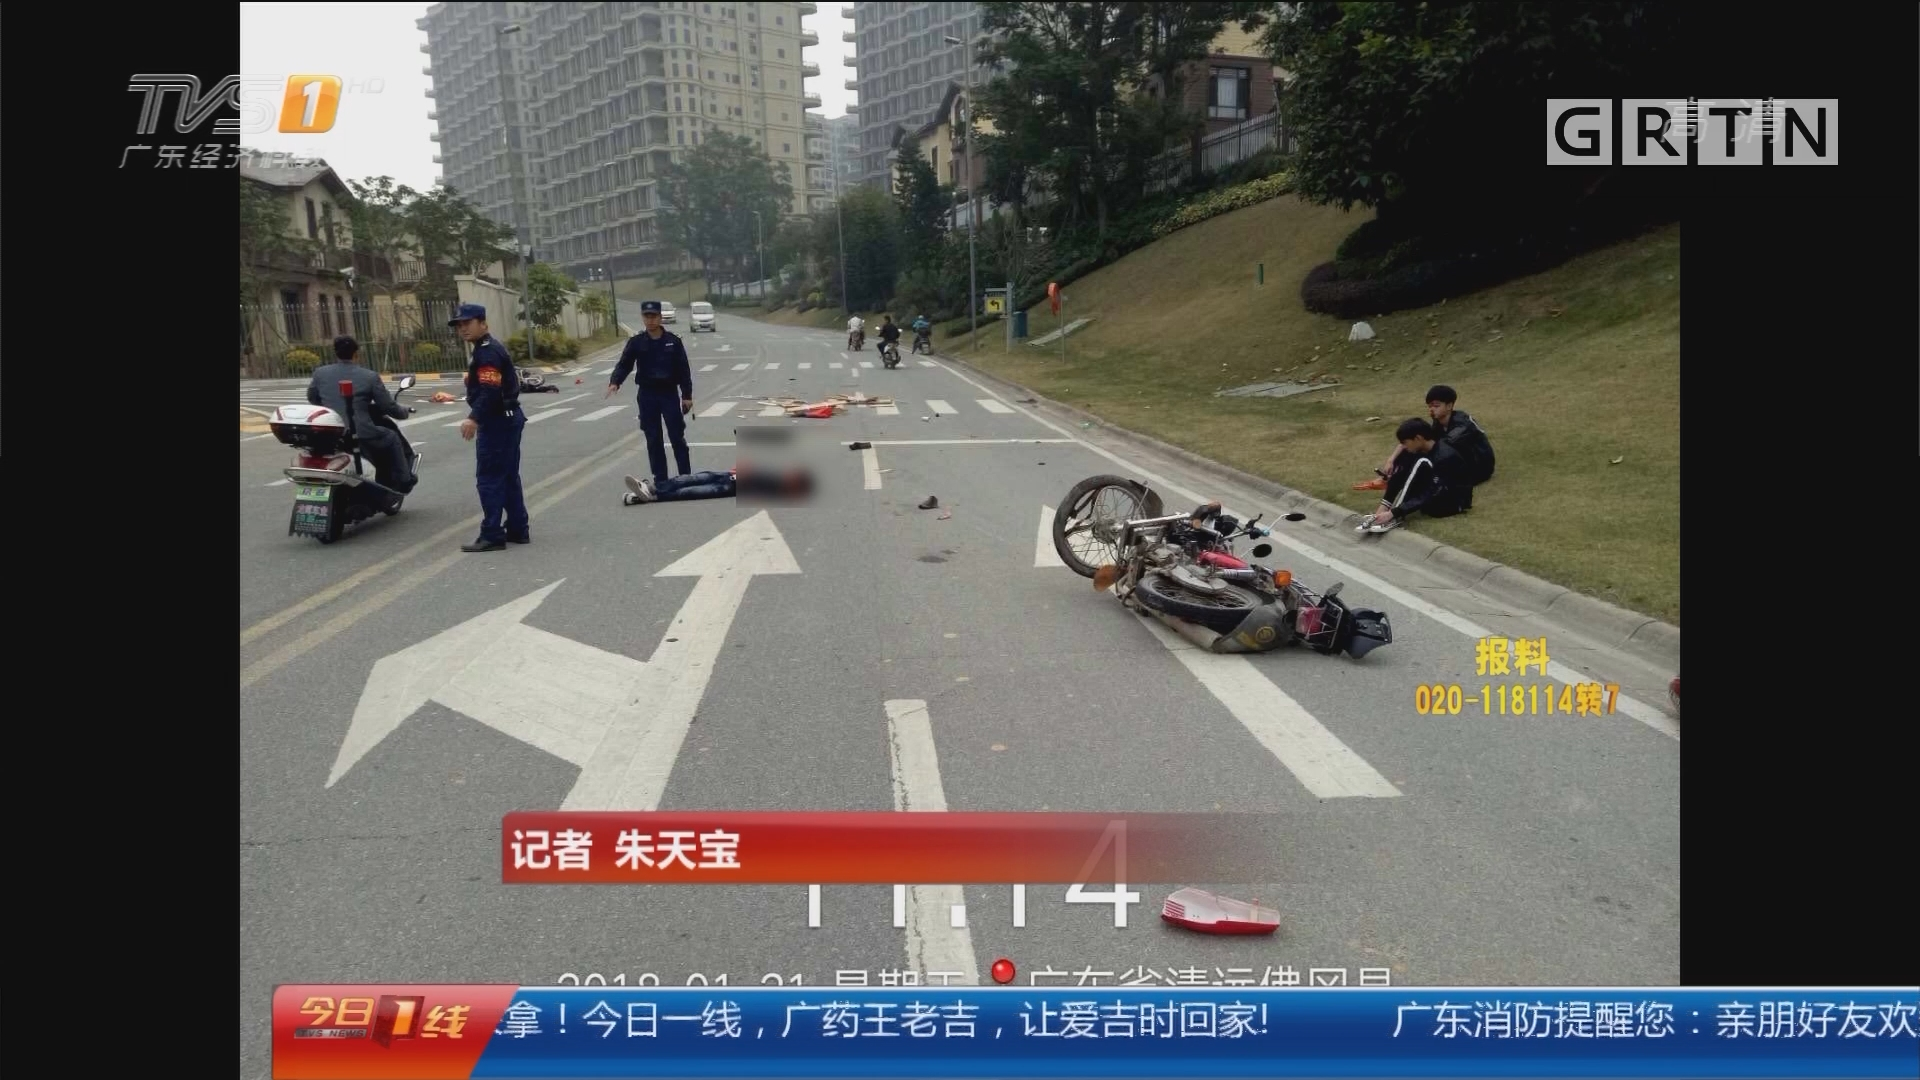 交通安全:清远佛冈 中学生载两同学开快车 撞车飞出